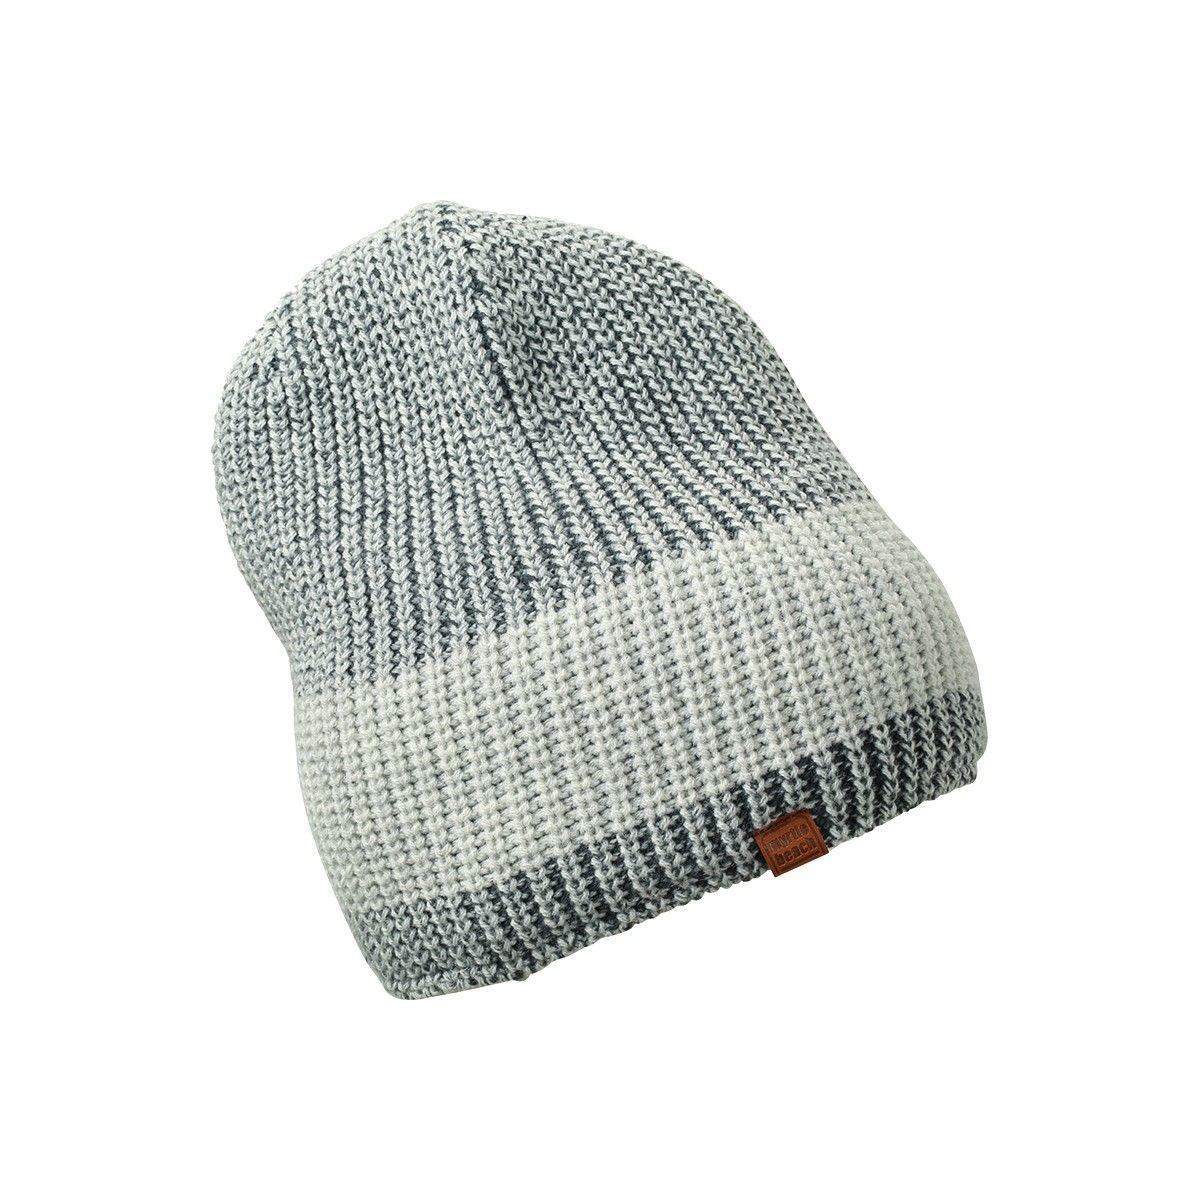 Bonnet tricoté urbain